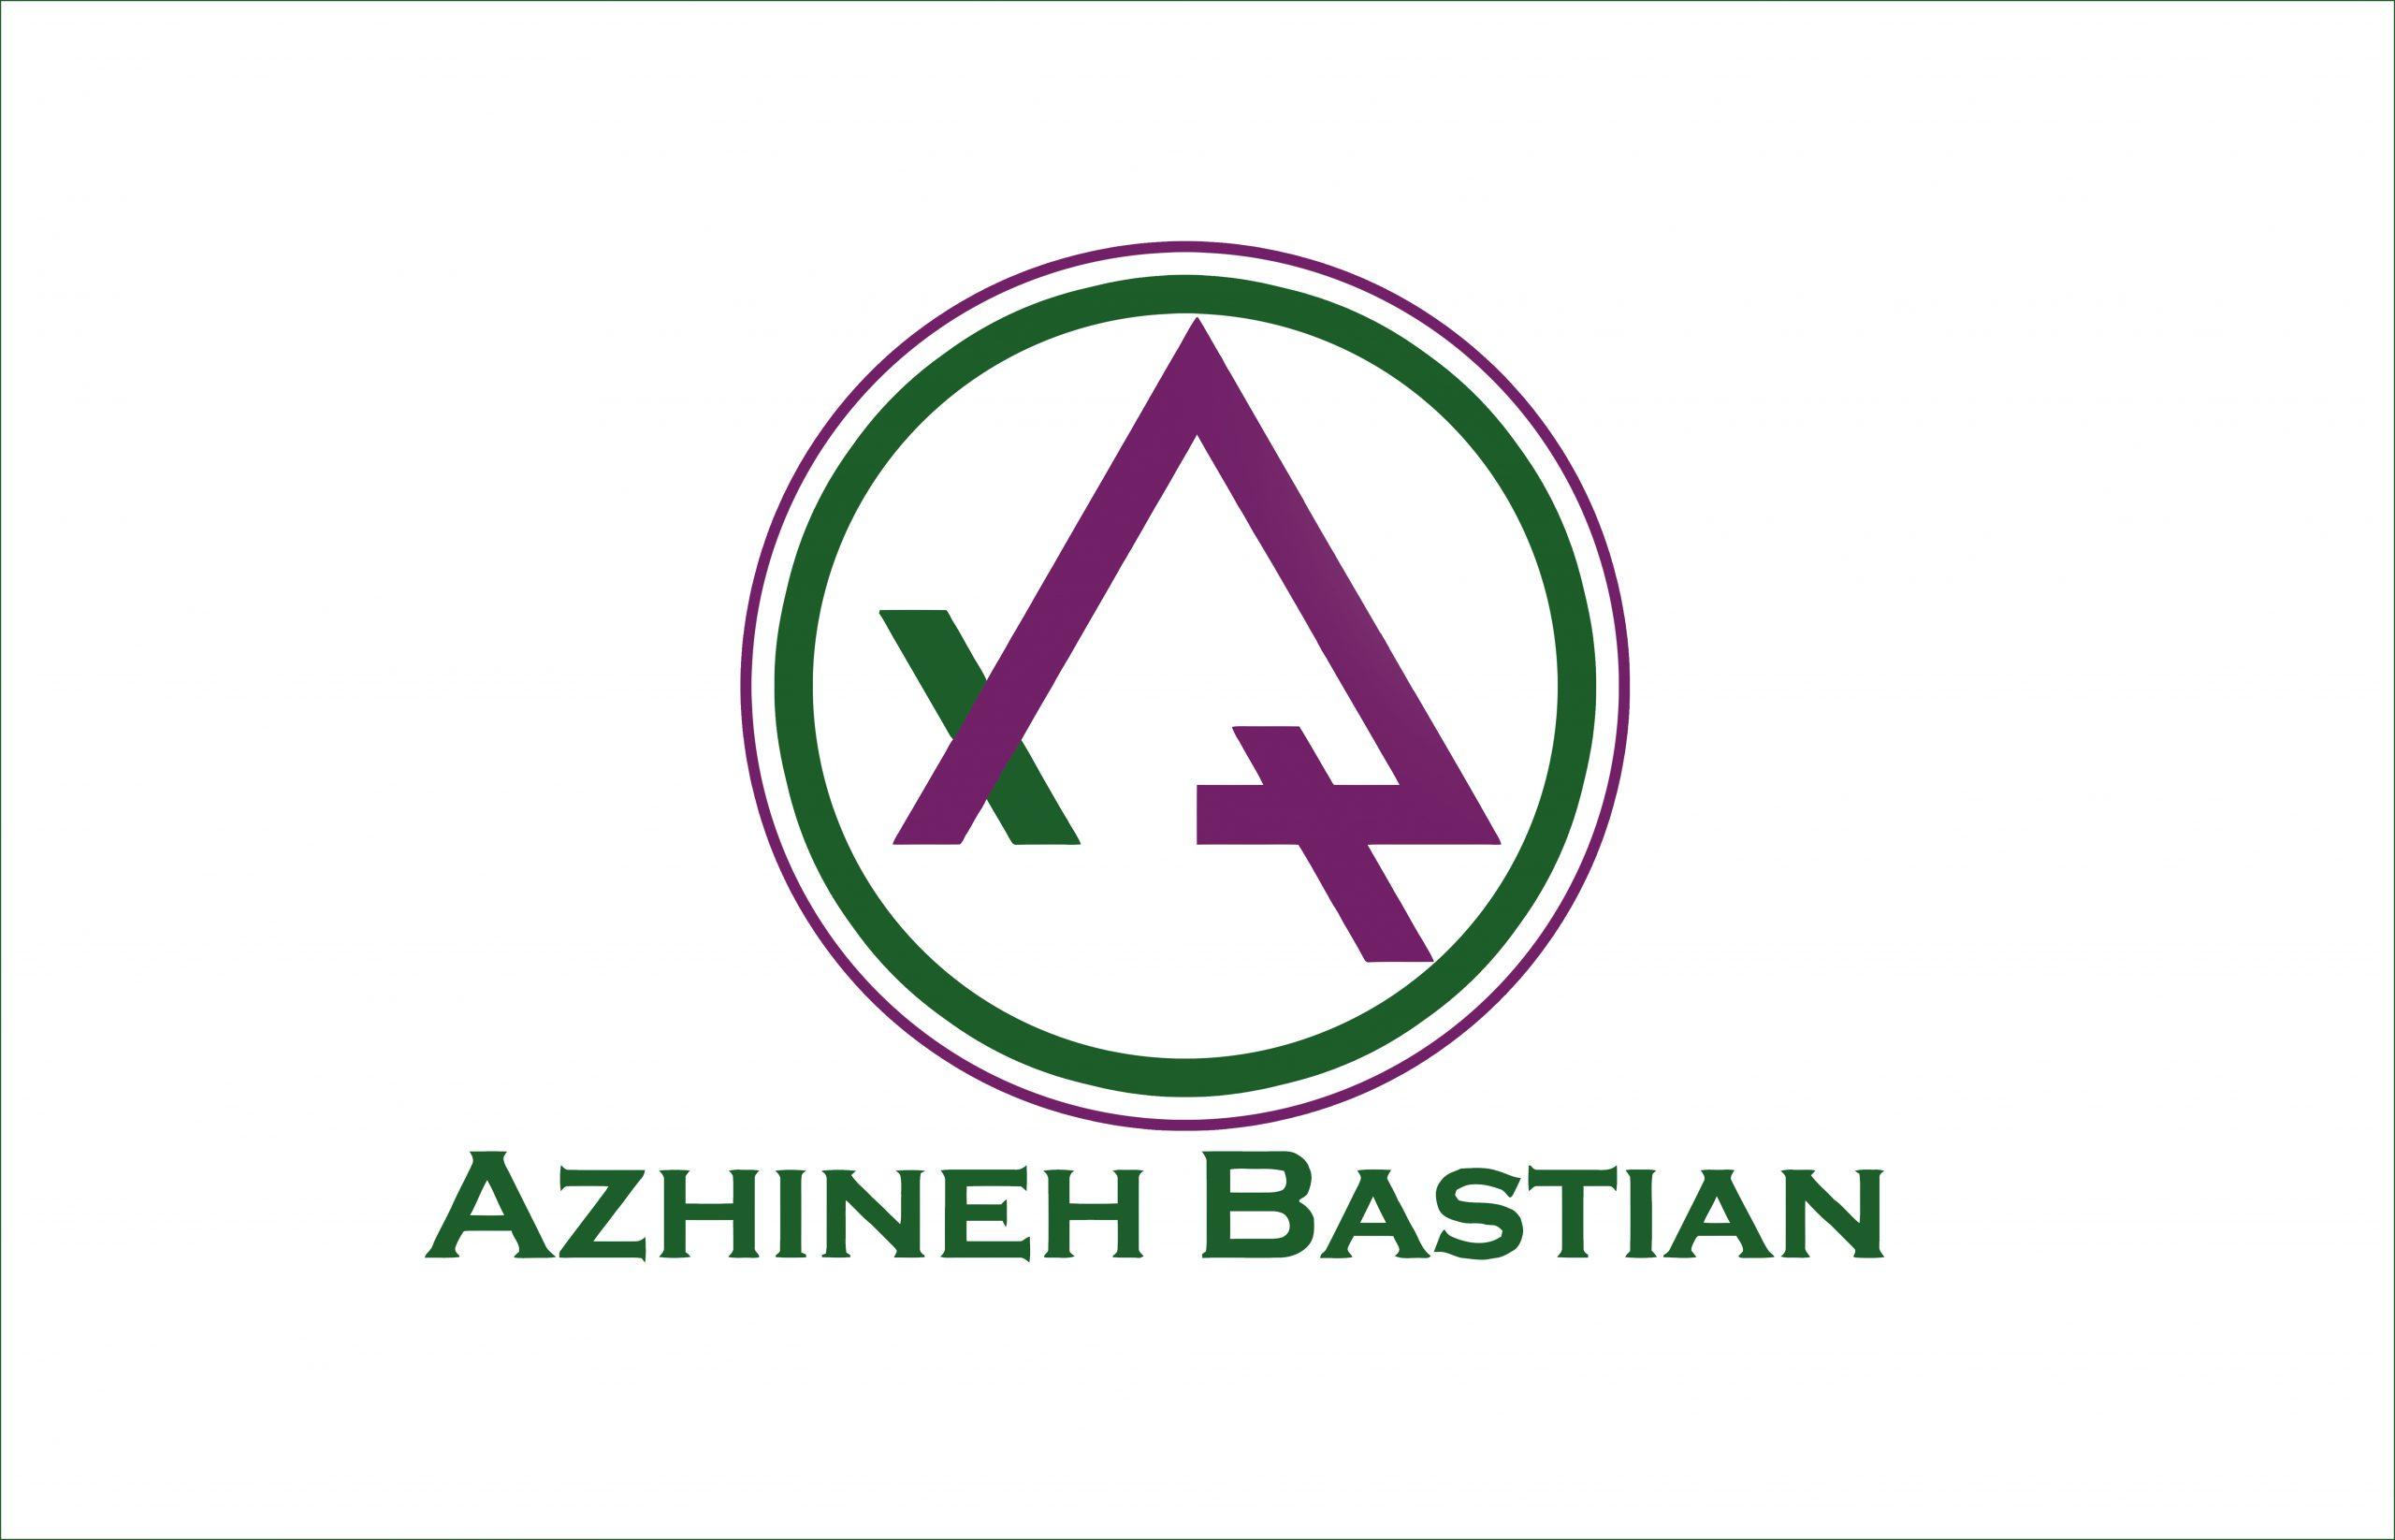 http://www.azhinehbastian.com